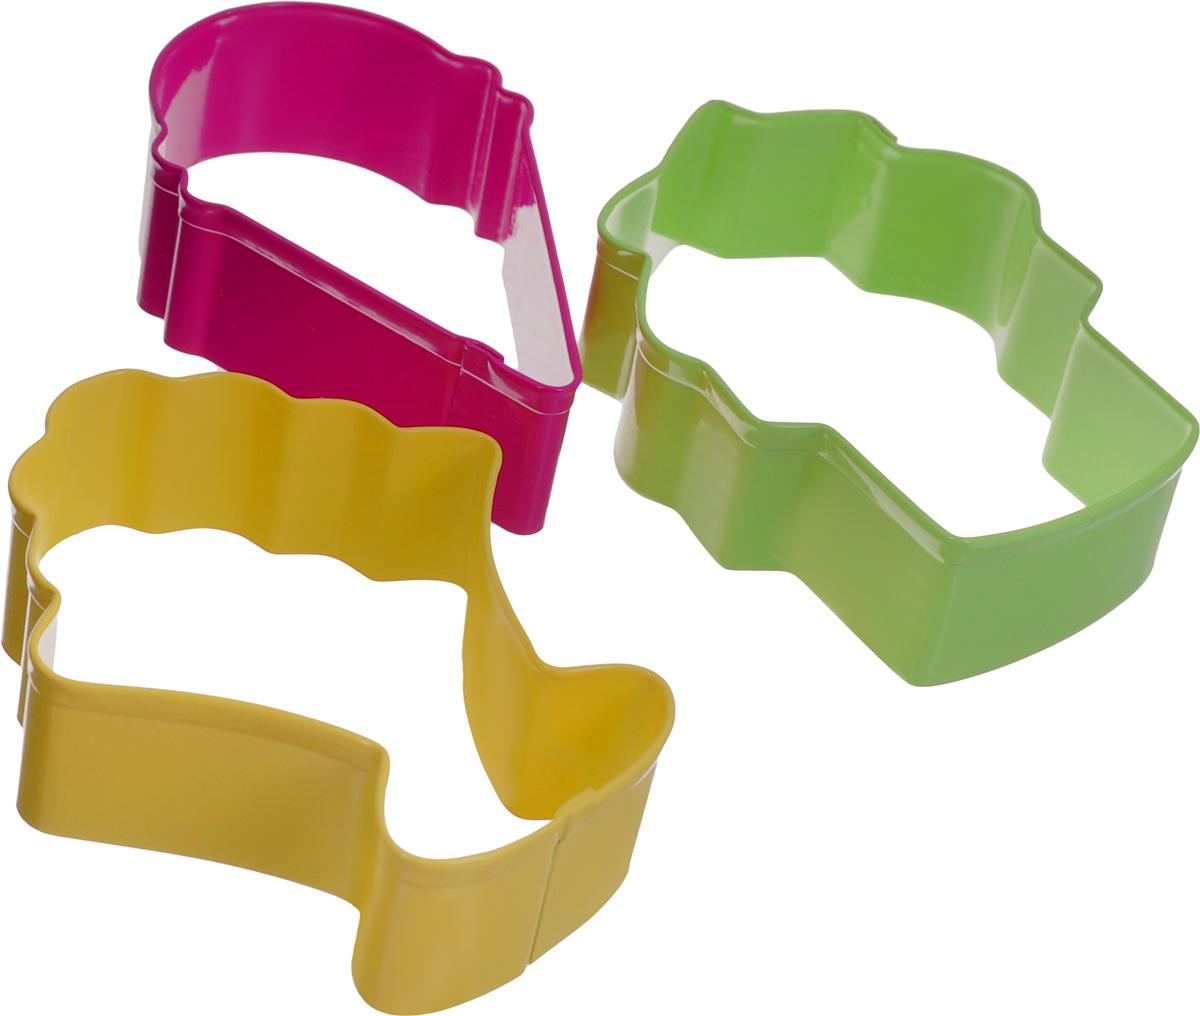 Набор форм для вырезания печенья Wilton Мороженое, 3 штWLT-2308-0992Набор Wilton Мороженое состоит из 3 разноцветных форм, изготовленных из высококачественного металла. Изделия можно использовать для вырезания печенья, сладких украшений, бутербродов, а также их можно использовать как трафареты для поделок и с не пищевыми материалами. Формы выполнены в виде фигурок мороженого. С такими формами-резаками можно сделать множество различных изделий и угощений! Средний размер формы: 8,7 х 6,7 см. Высота форм: 3 см.